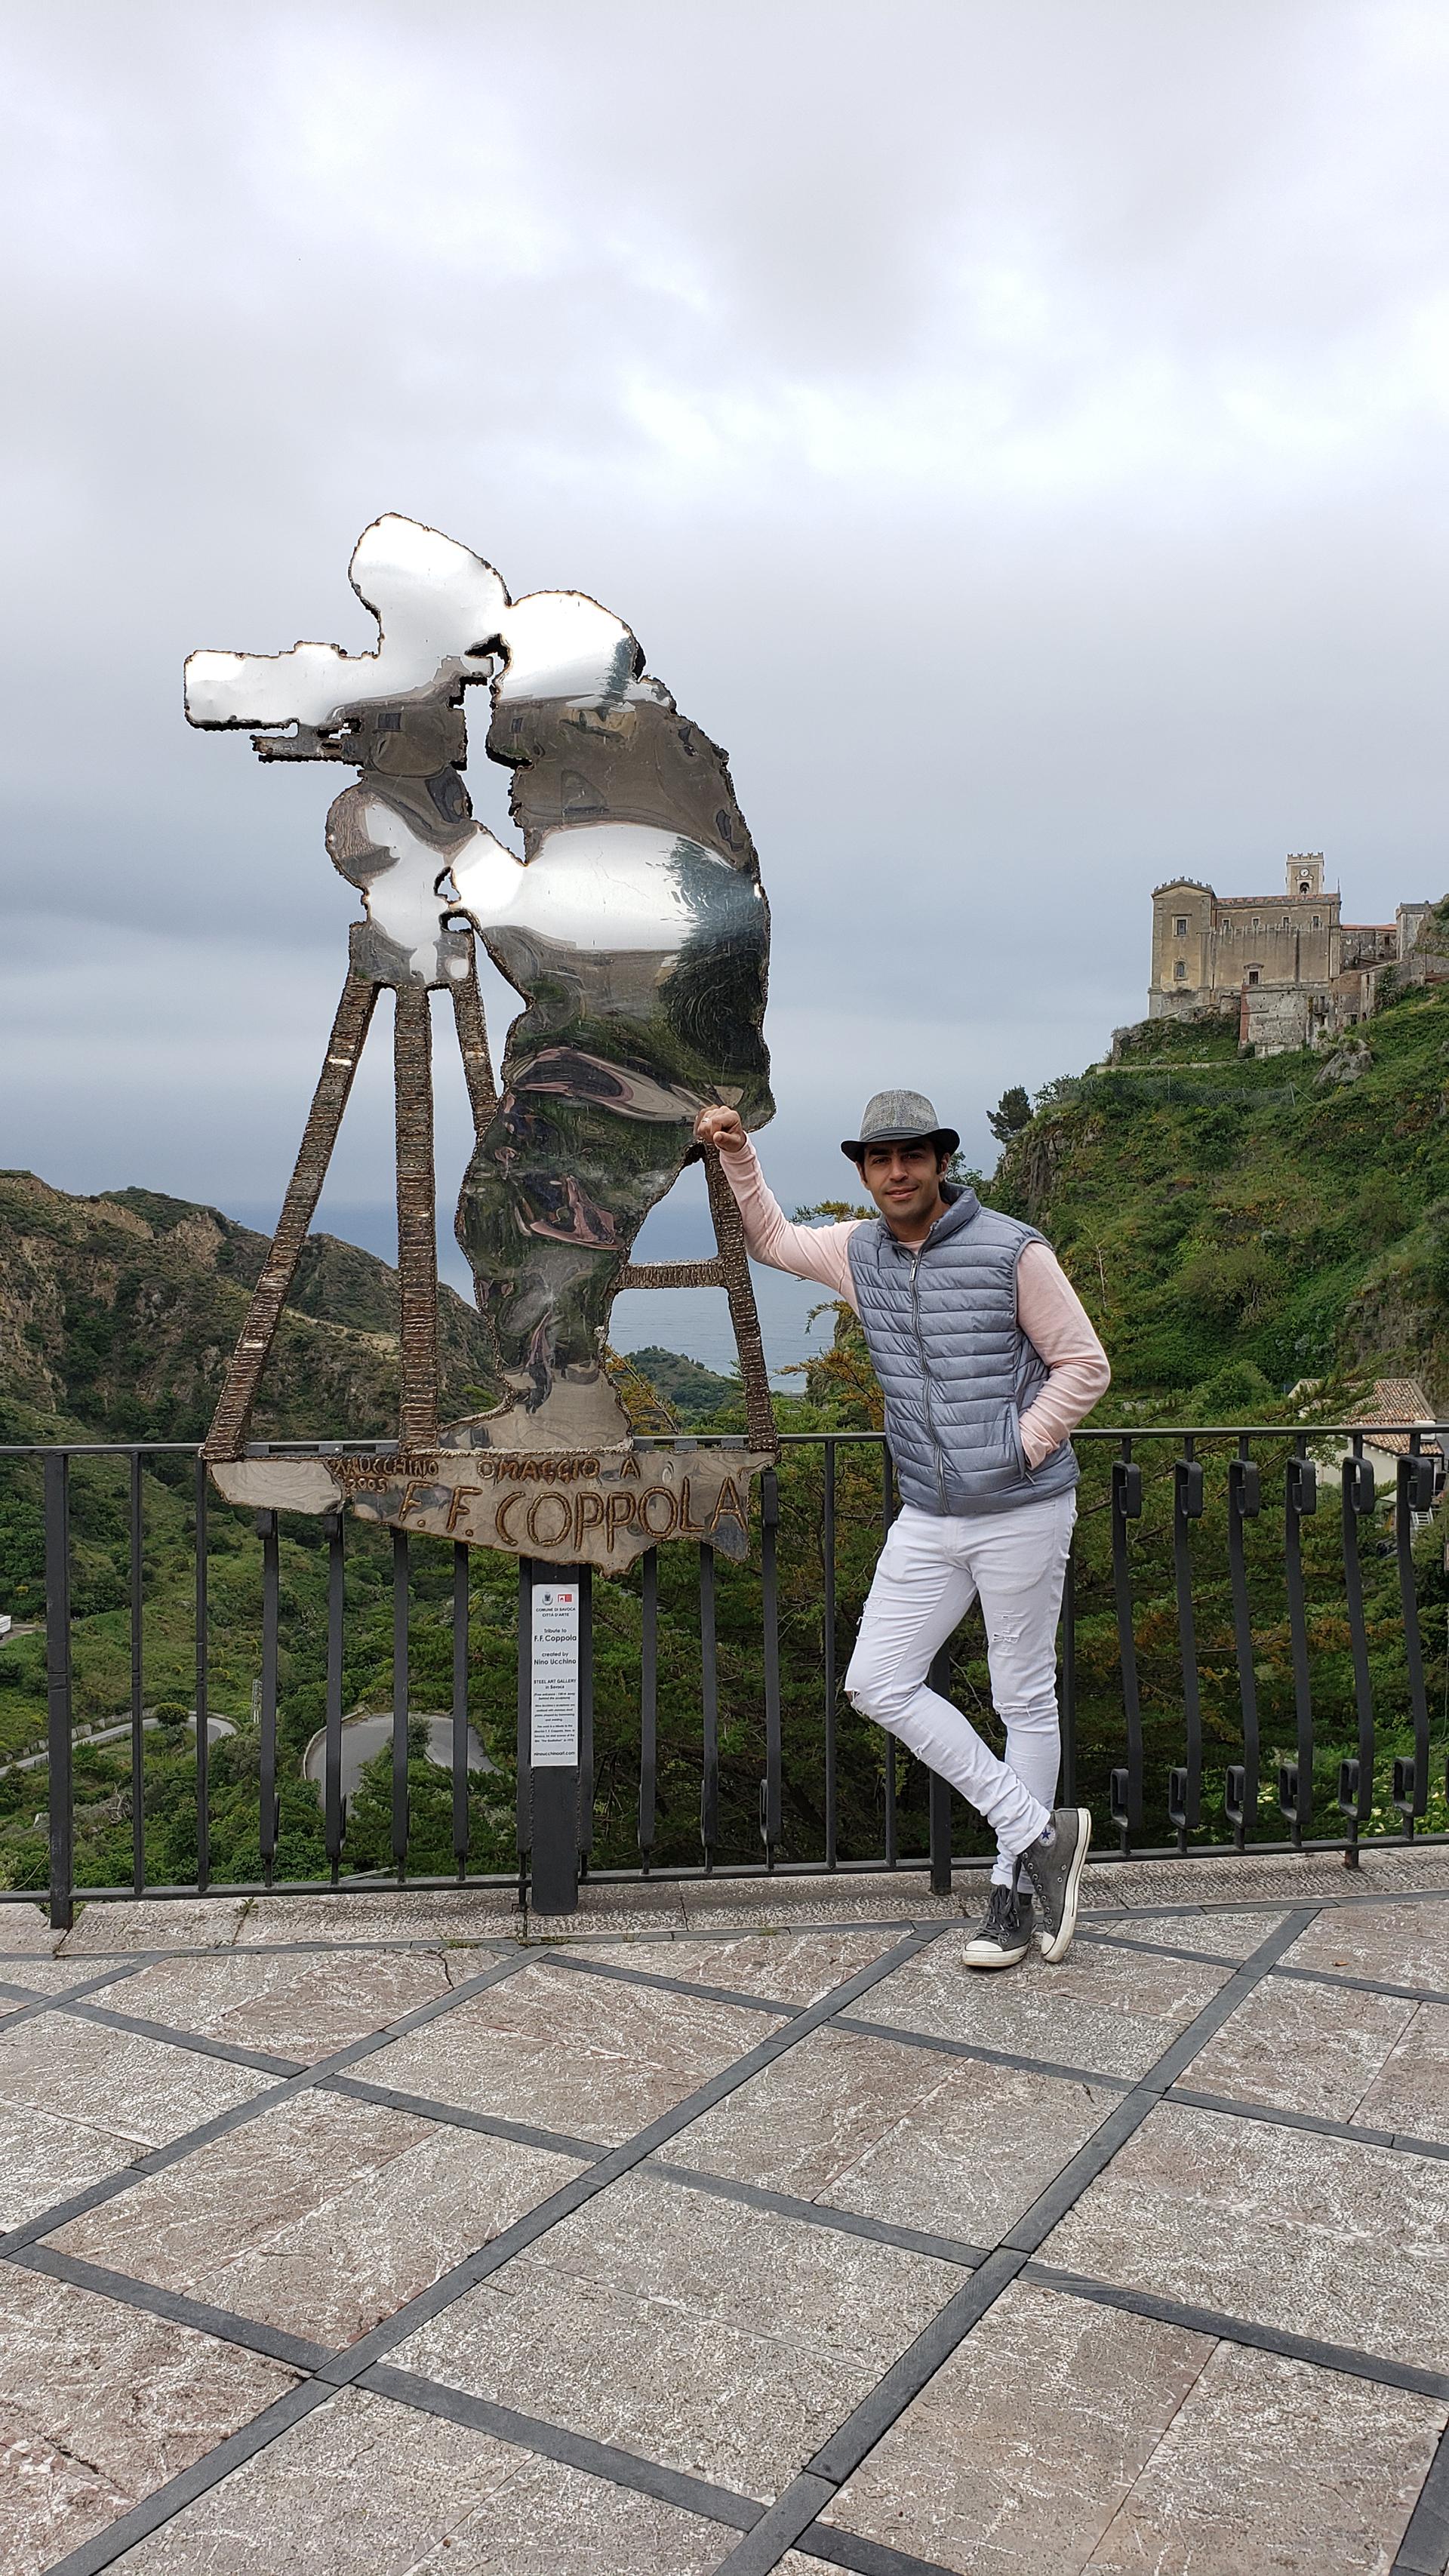 """Alejandro Cupitó viajó a Taormina, Sicilia, el pueblito en donde se filmó """"El Padrino"""". Allí recorrió la Catedral, el mítico bar en donde se rodaron muchas de las escenas y posó con la escultura en honor al director del filme, Francis Ford Coppola"""